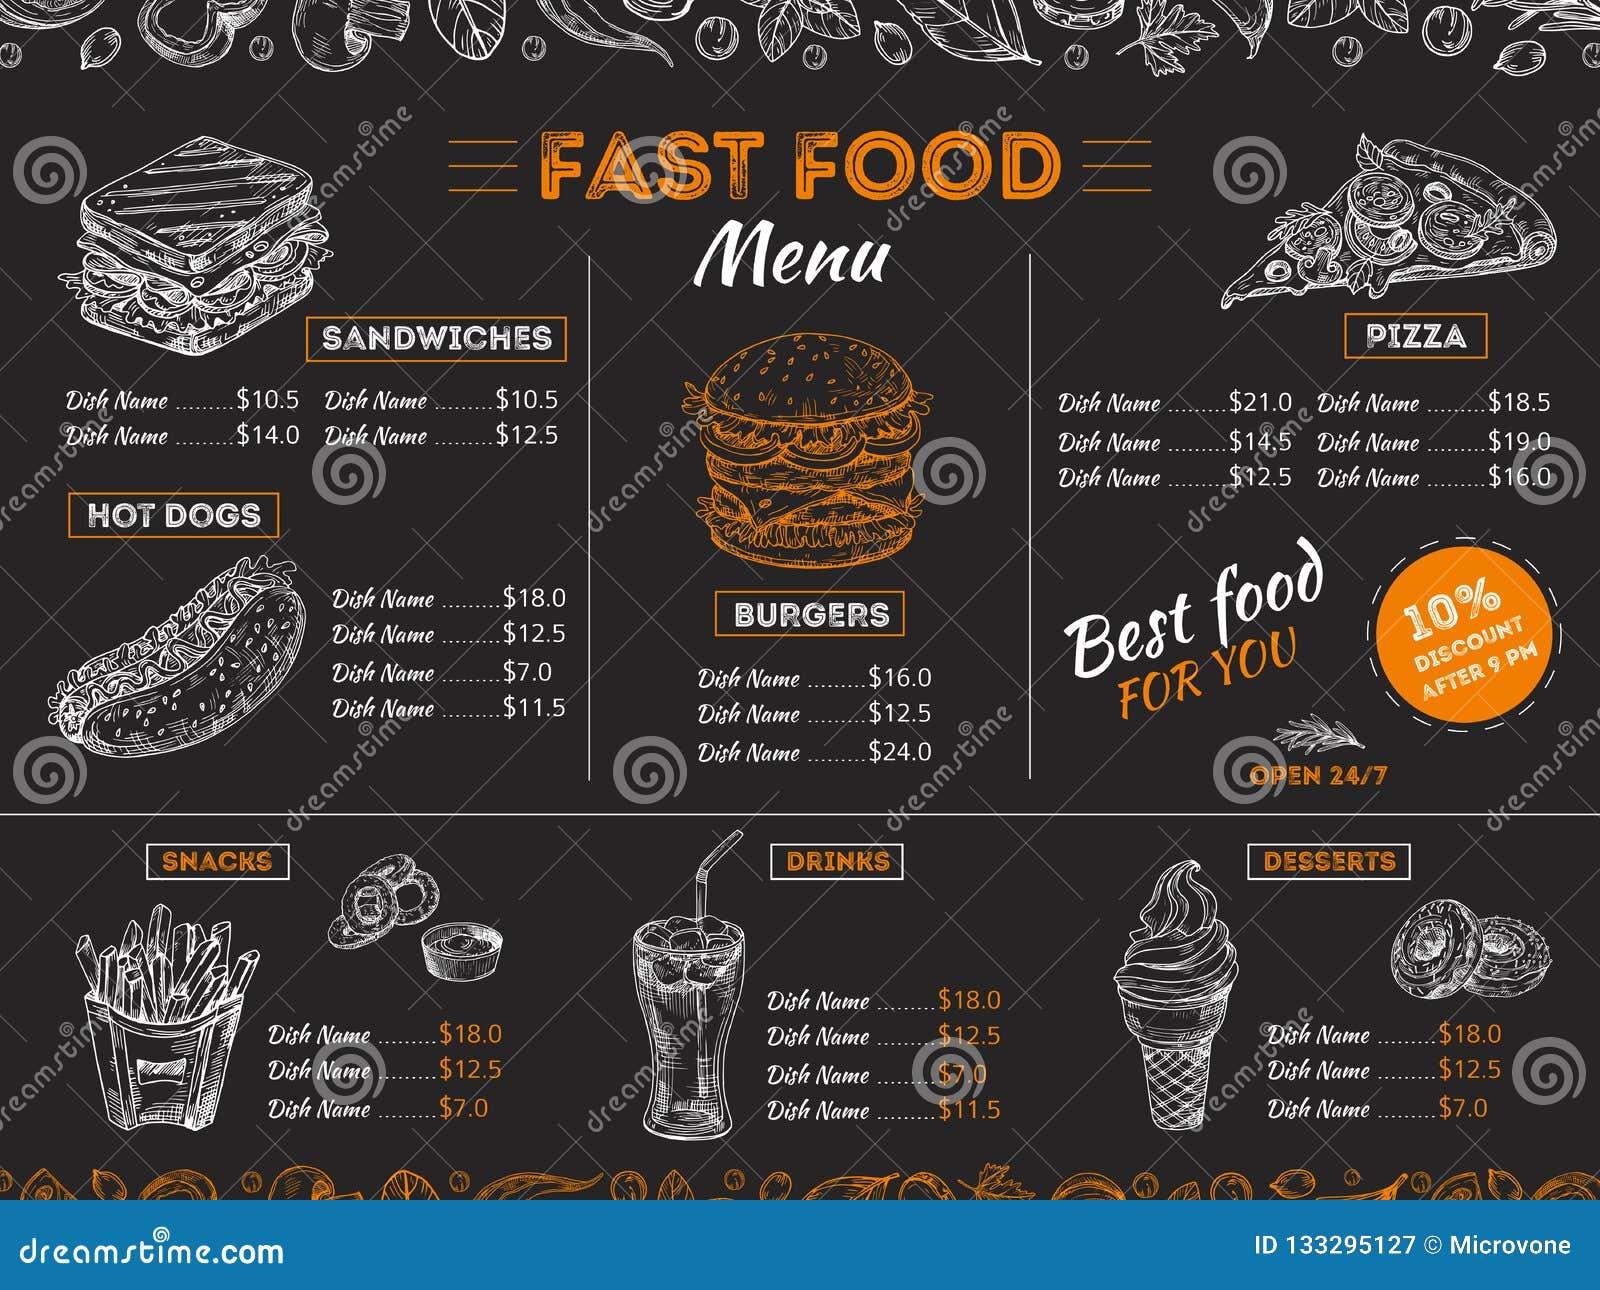 Fast Food Menu Sketch Sandwich Burger Pizza Snacks Vintage Design On Chalkboard Fast Food Restaurant Menu Board Stock Vector Illustration Of Banner Drawing 133295127